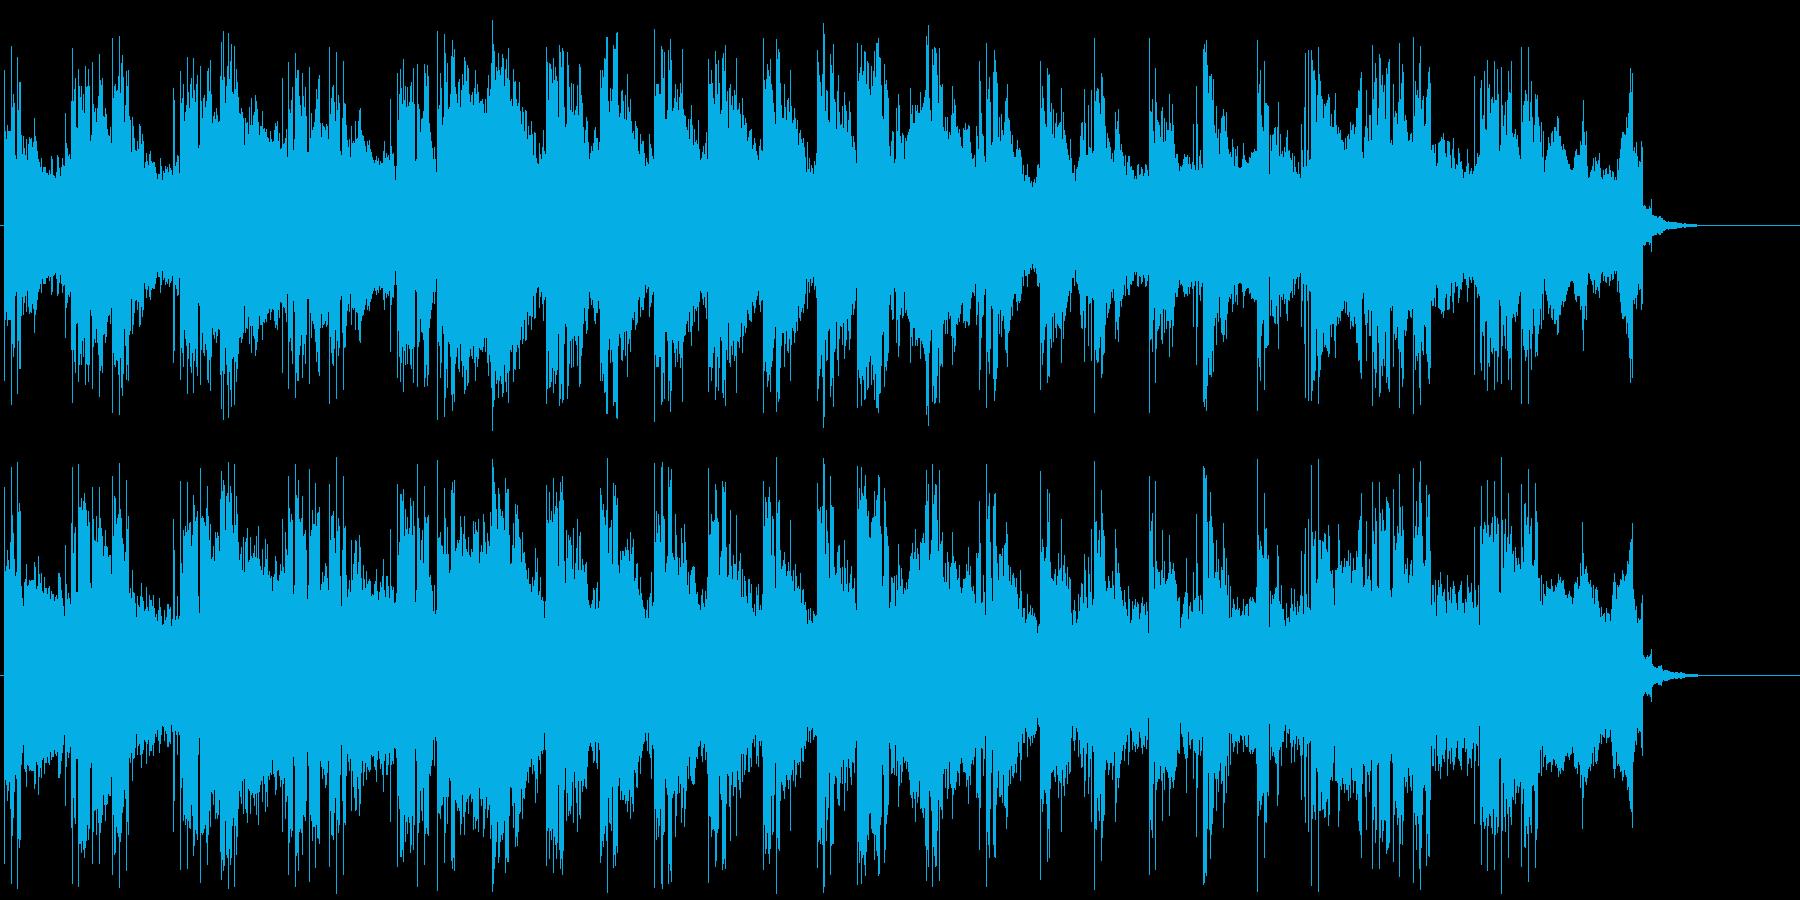 追跡 あやしい 謎 報道 重苦しいの再生済みの波形